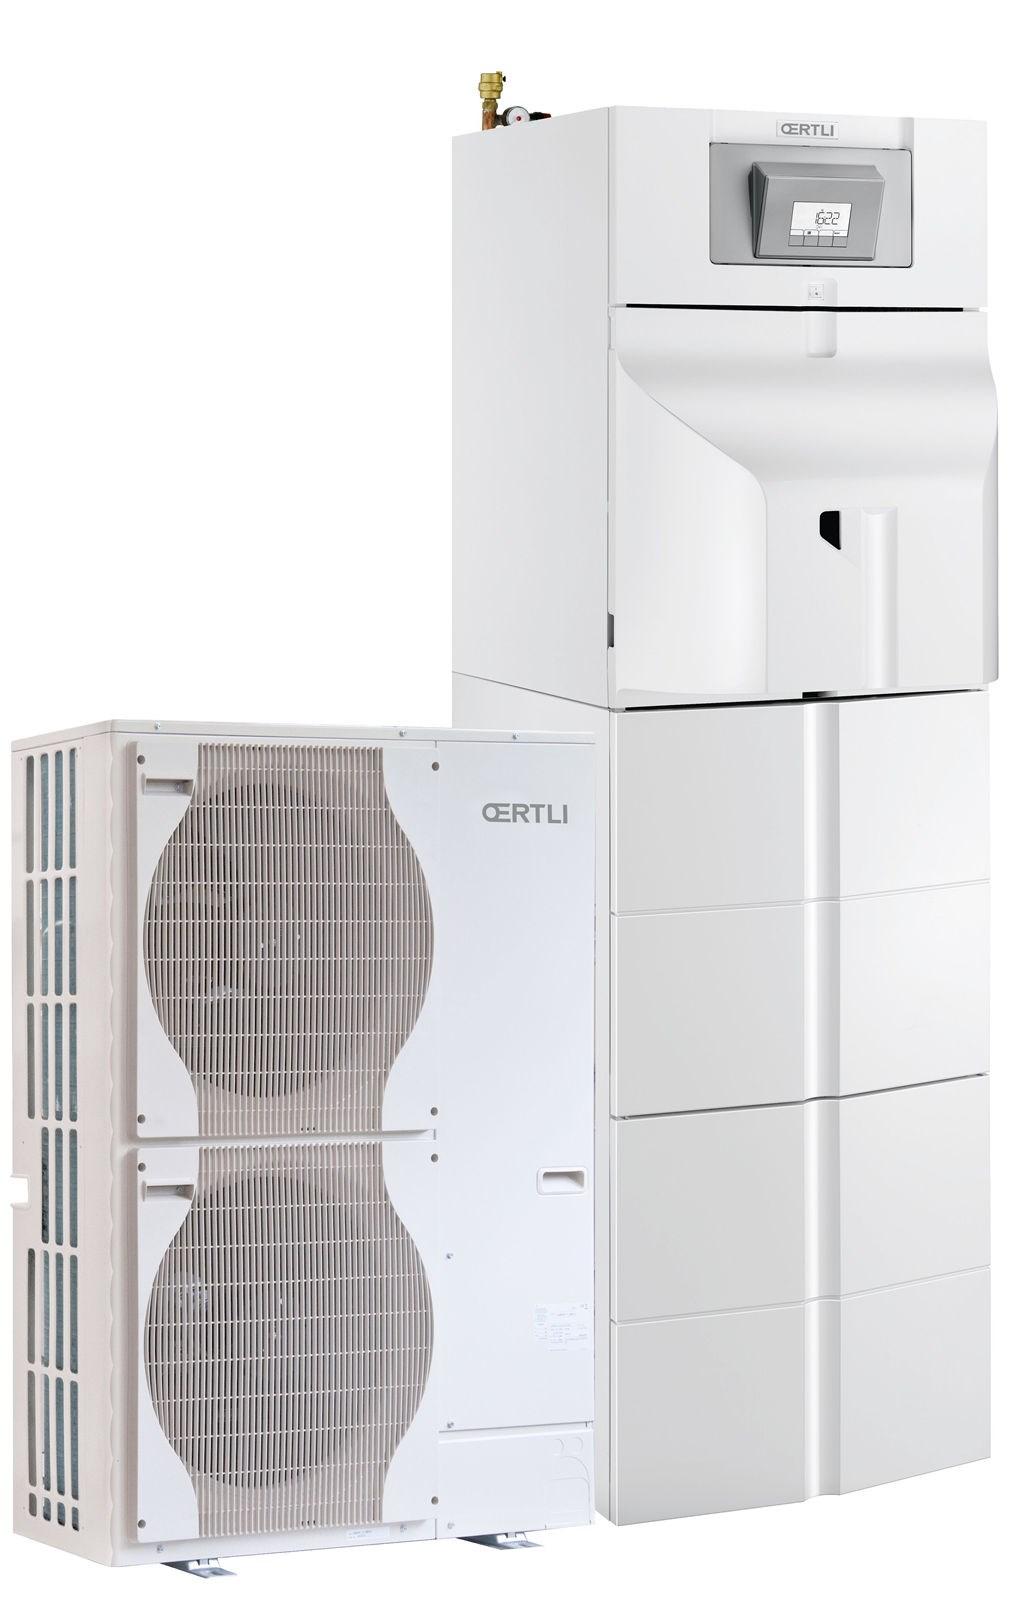 Pompe Chaleur Air Eau Oecoil Hybrid Hybride Fioul